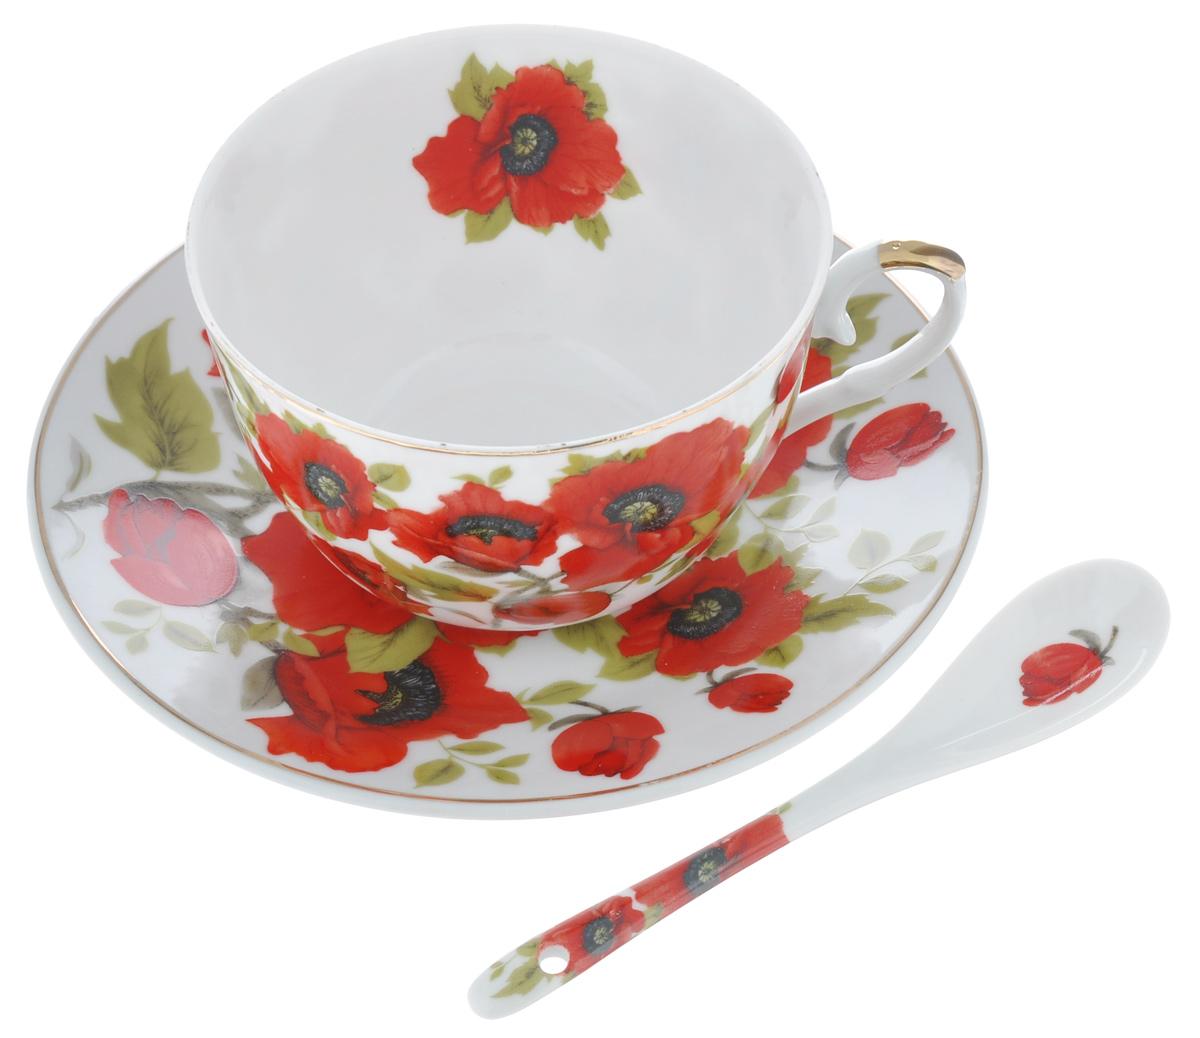 Чайная пара Elan Gallery Маки, с ложкой, цвет: белый, красный, 3 предмета180803Чайная пара Elan Gallery Маки, состоит из чашки блюдца и ложки. Предметы набора выполнены из высококачественной керамики и оформлены изящным изображением цветов. Яркий дизайн, несомненно, придется вам по вкусу.Чайная пара Elan Gallery Маки украсит ваш кухонный стол, а также станет замечательным подарком к любому празднику. Объем чашки: 250 мл.Диаметр чашки (по верхнему краю): 9,5 см.Диаметр дна чашки: 4,5 см.Высота чашки: 15 см.Диаметр блюдца: 6,5 см.Высота блюдца: 1,8 см.Размер рабочей поверхности ложки: 4 см х 2,5 см х 1 см.Длина ложки: 12,5 см.